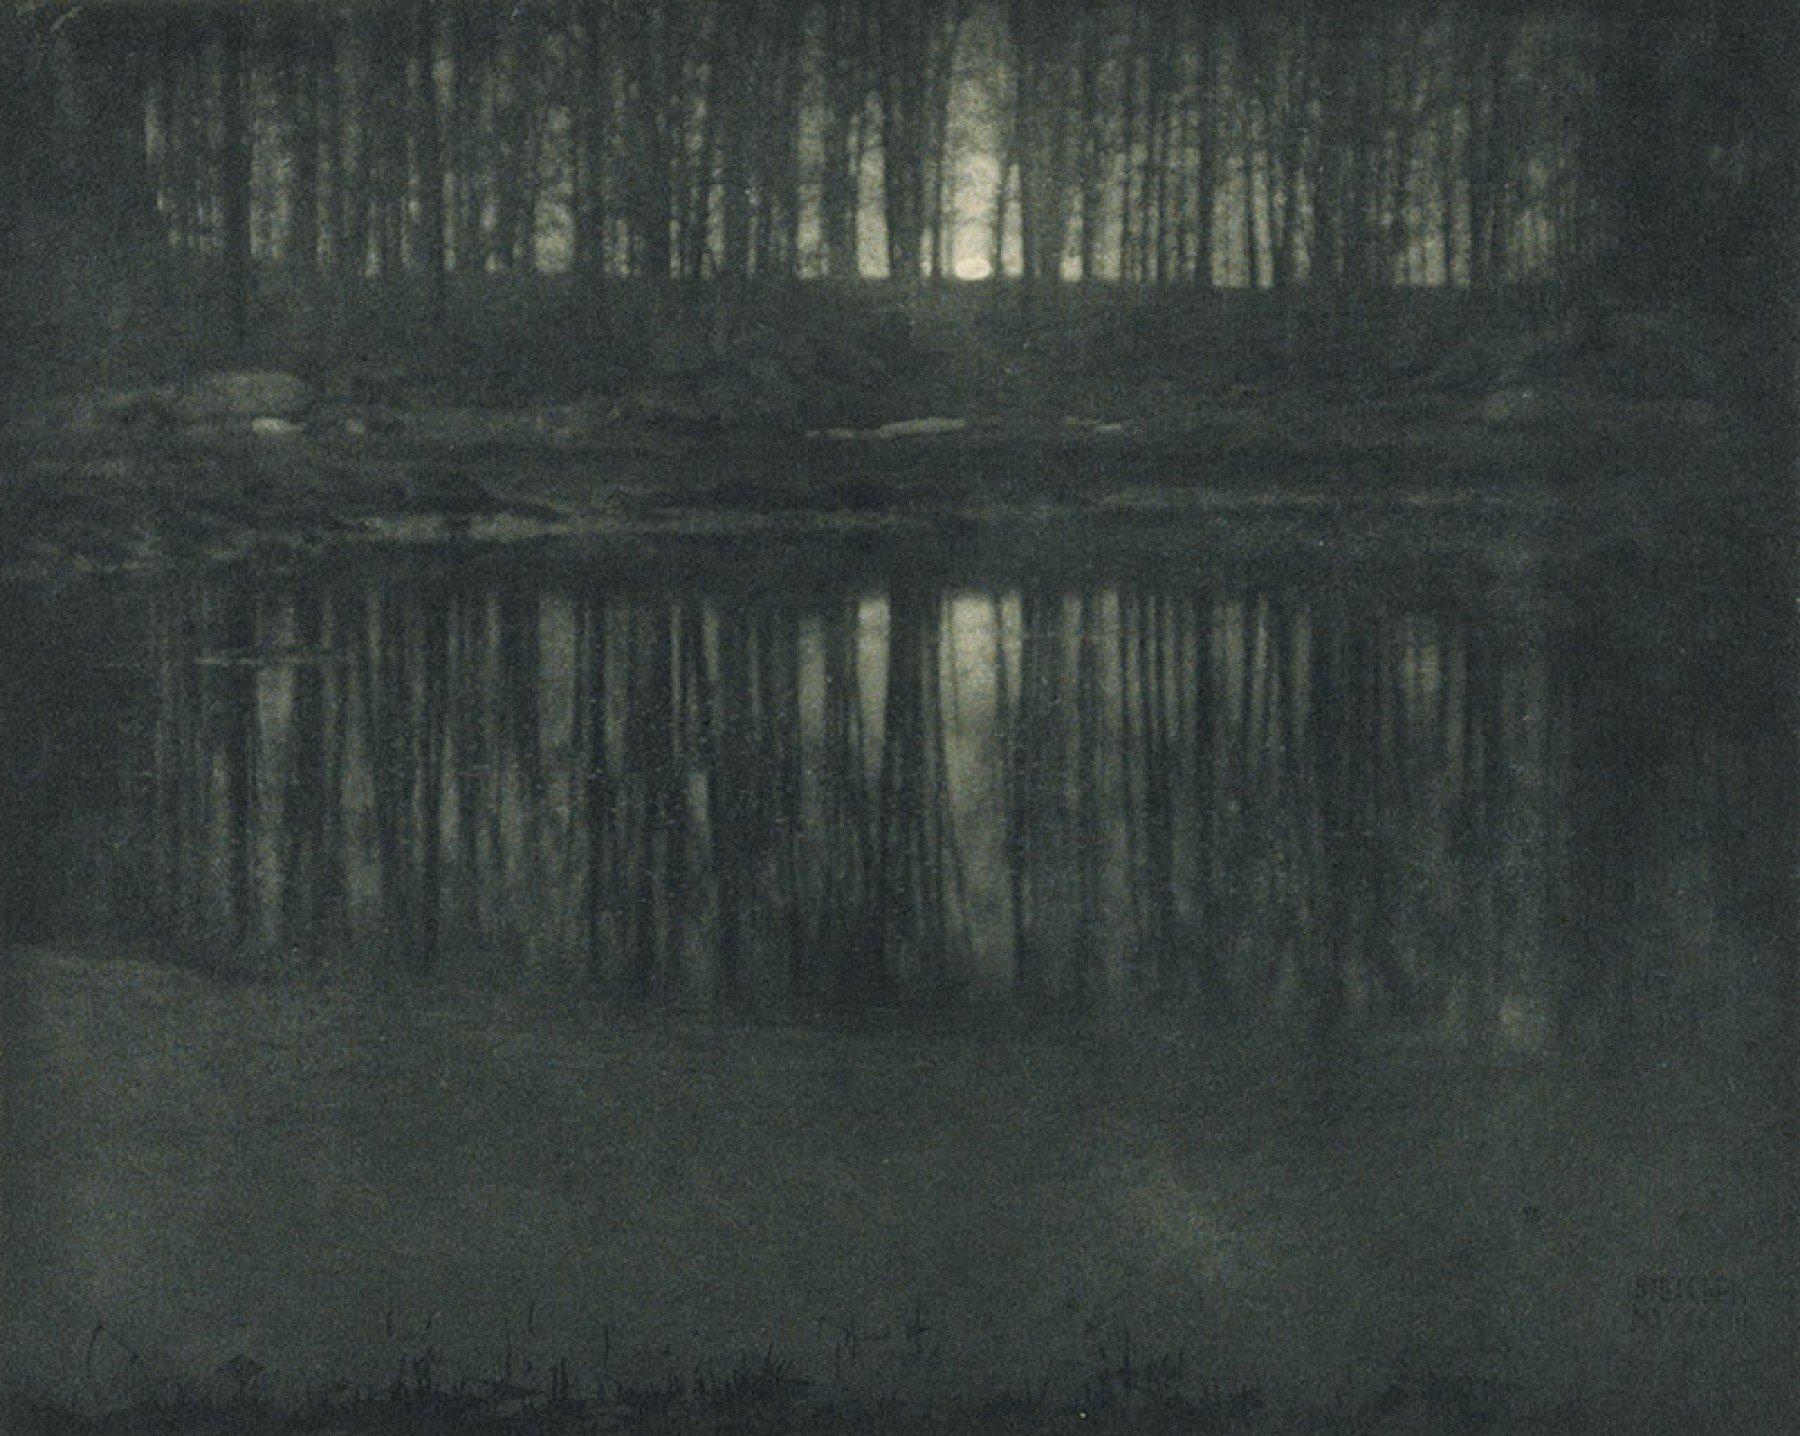 Mondschein: Der Teich, 1904 © Edward Steichen Geschichte der Landschaftsfotografie